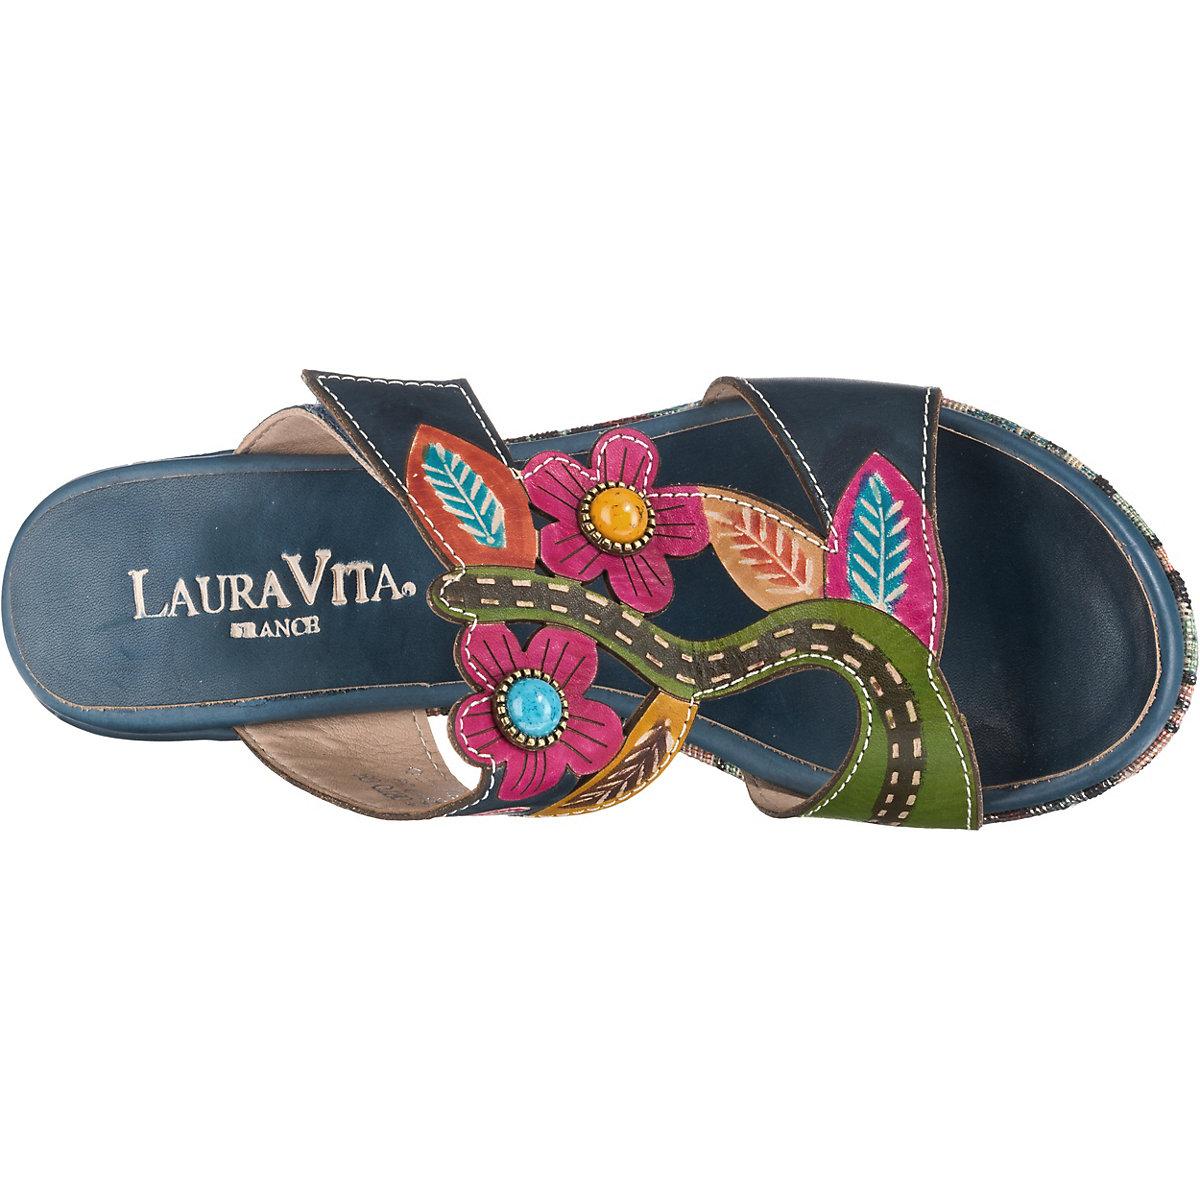 Laura Vita, Komfort-pantoletten, Dunkelblau